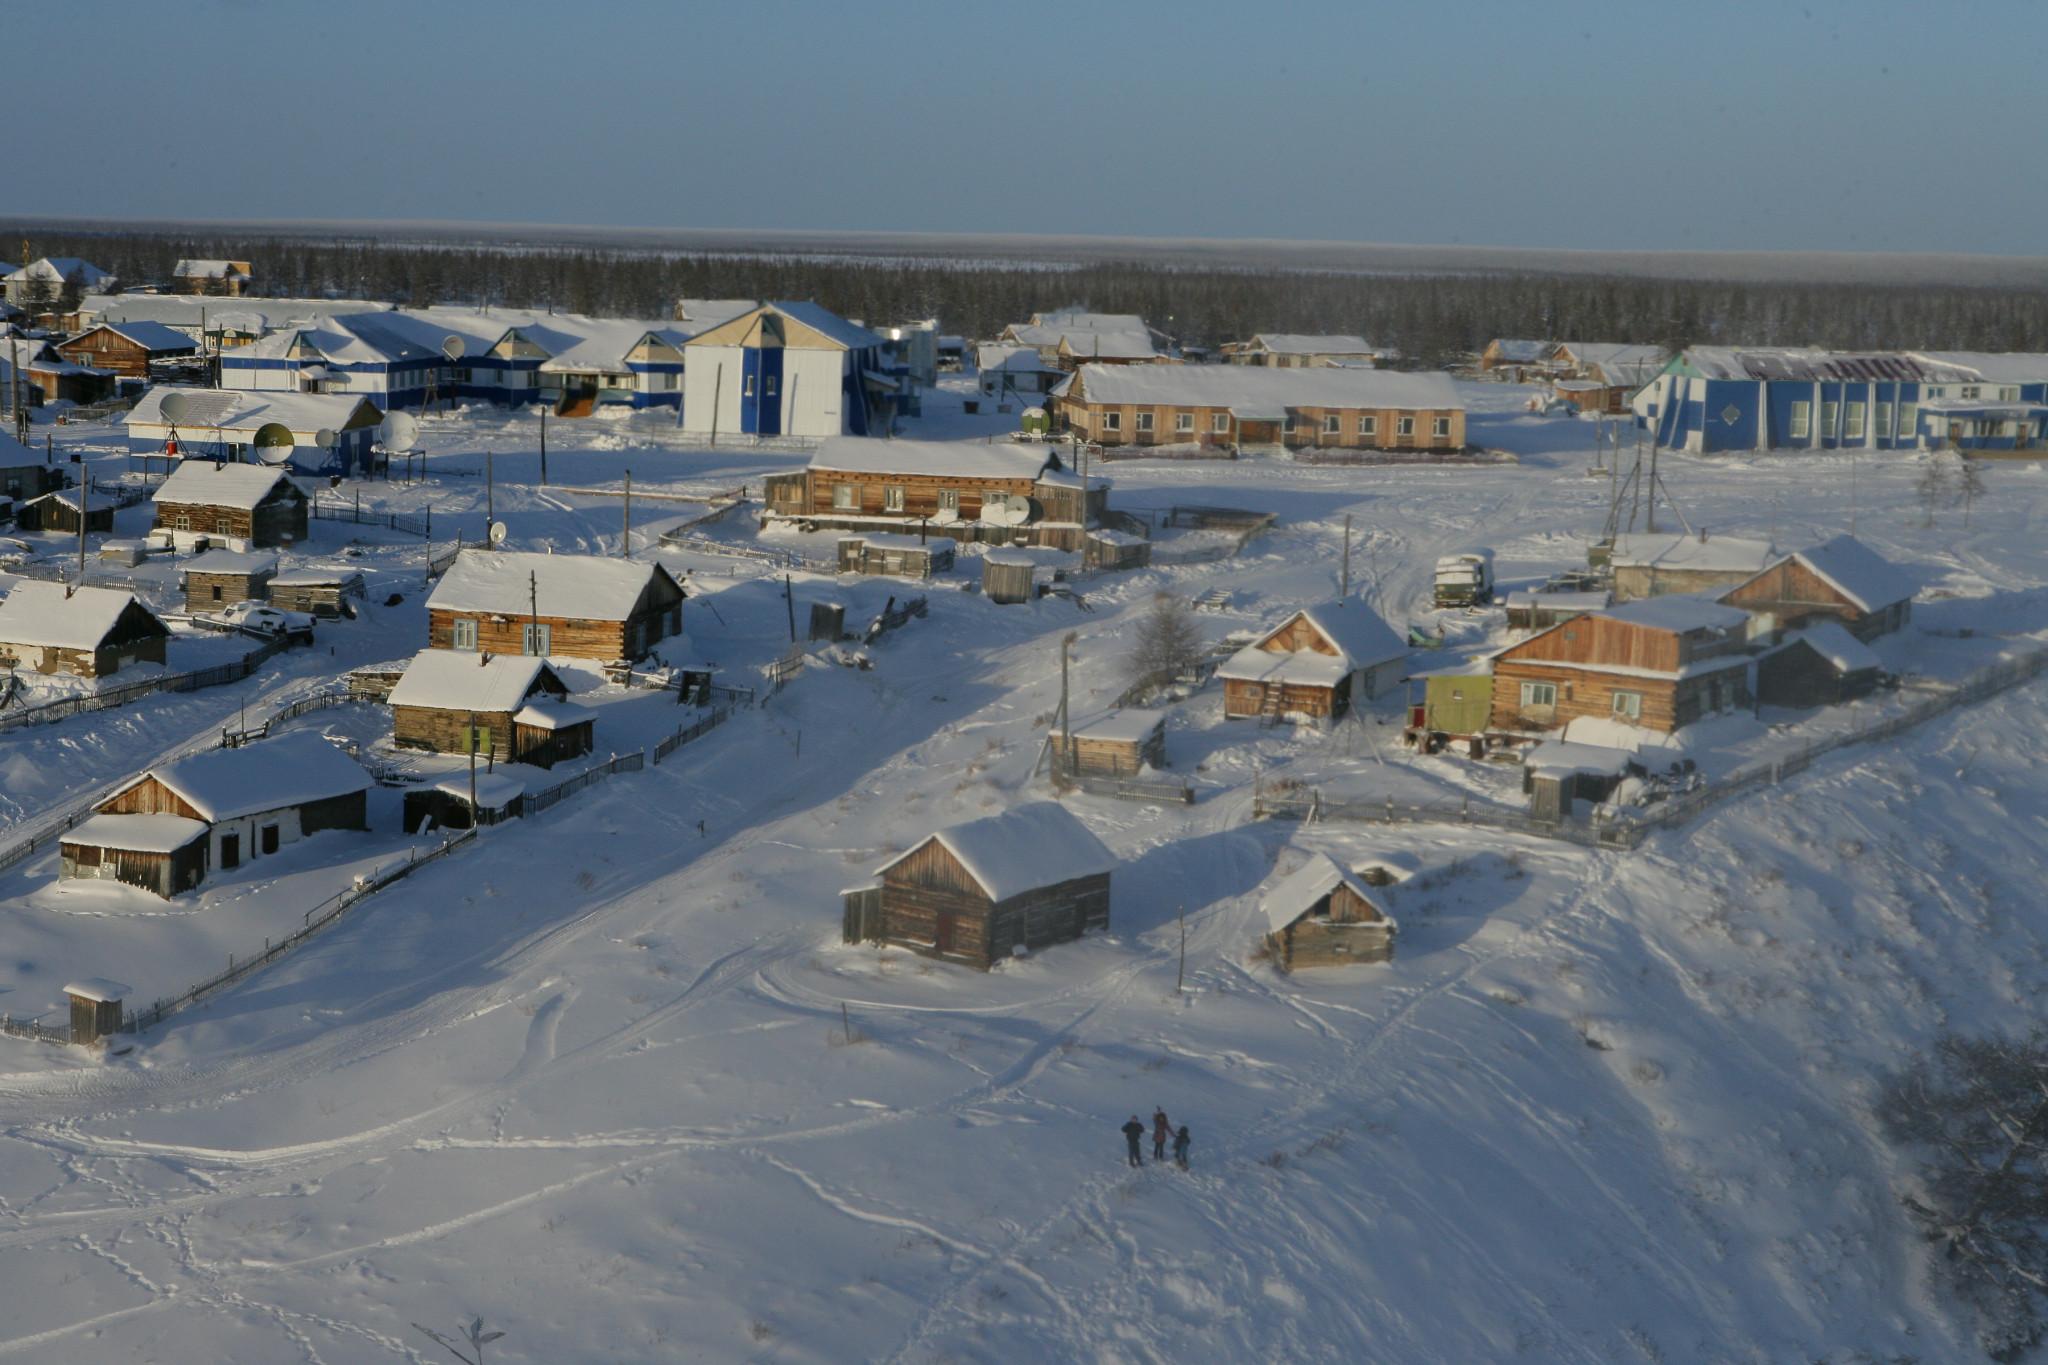 Глава Якутии даст старт запуску волоконно-оптической линии связи в Оленьке